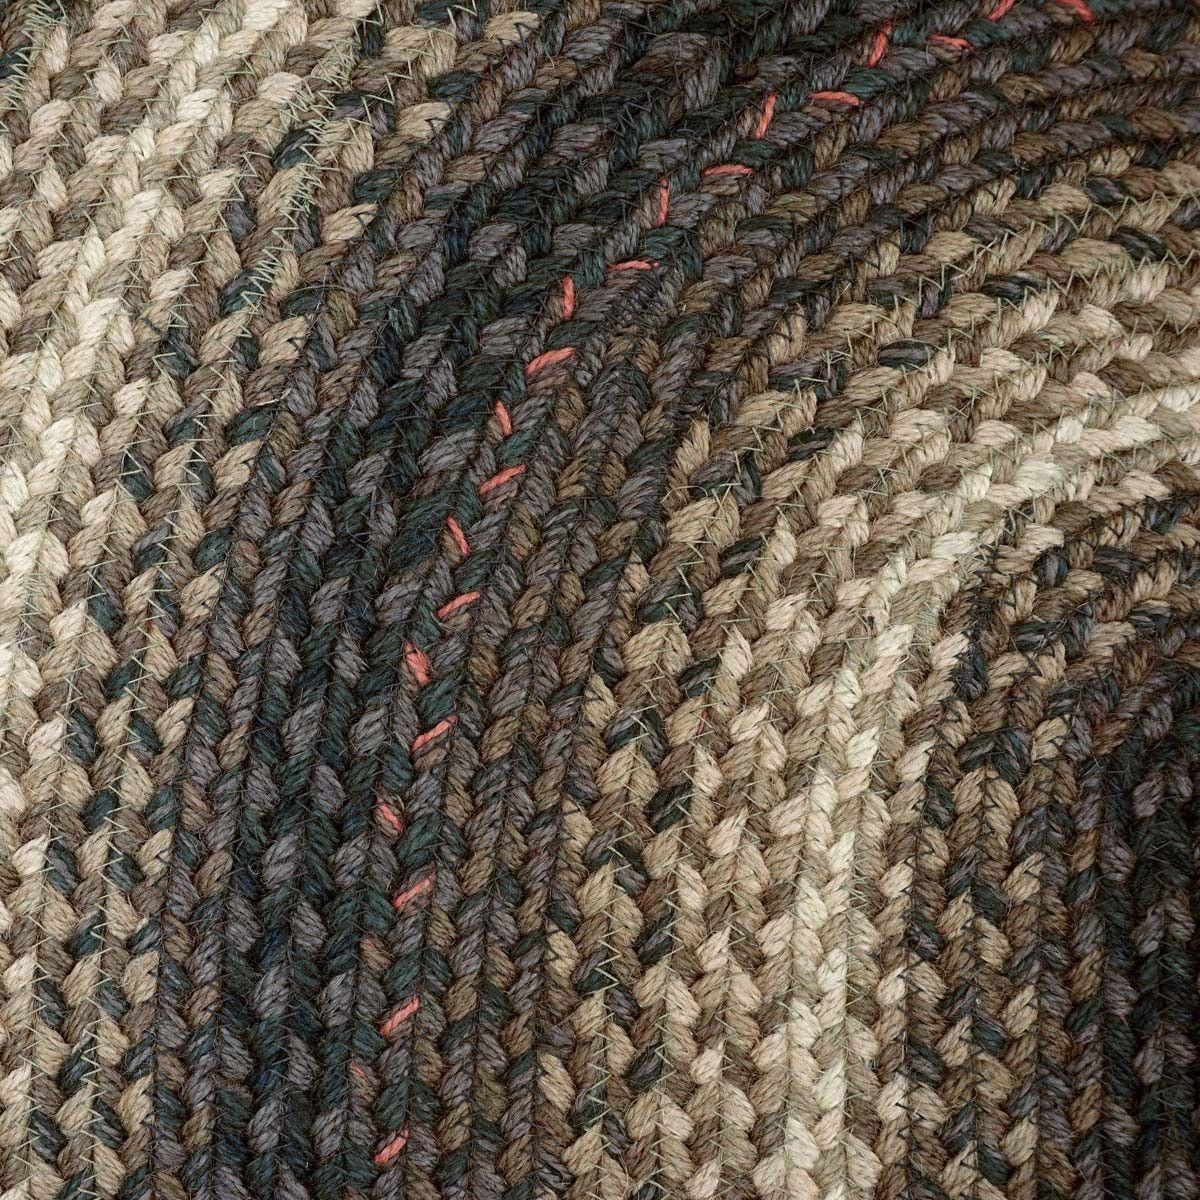 Kenya Oval Braided Rug 20x30 Measures Colors